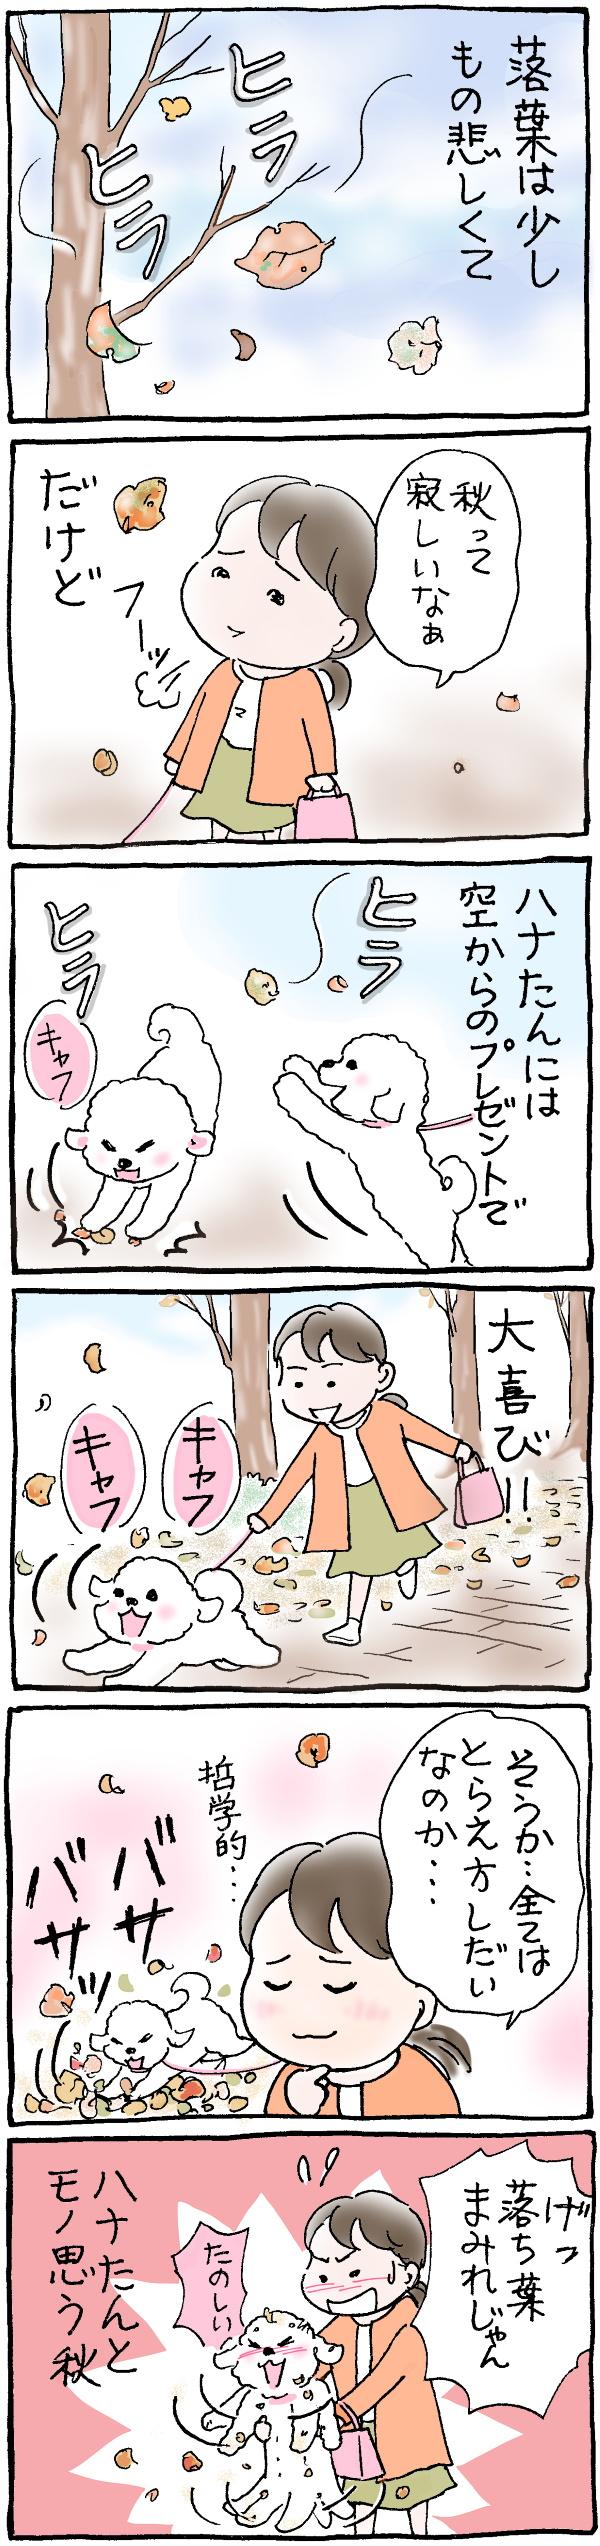 ハナちゃんと落ち葉